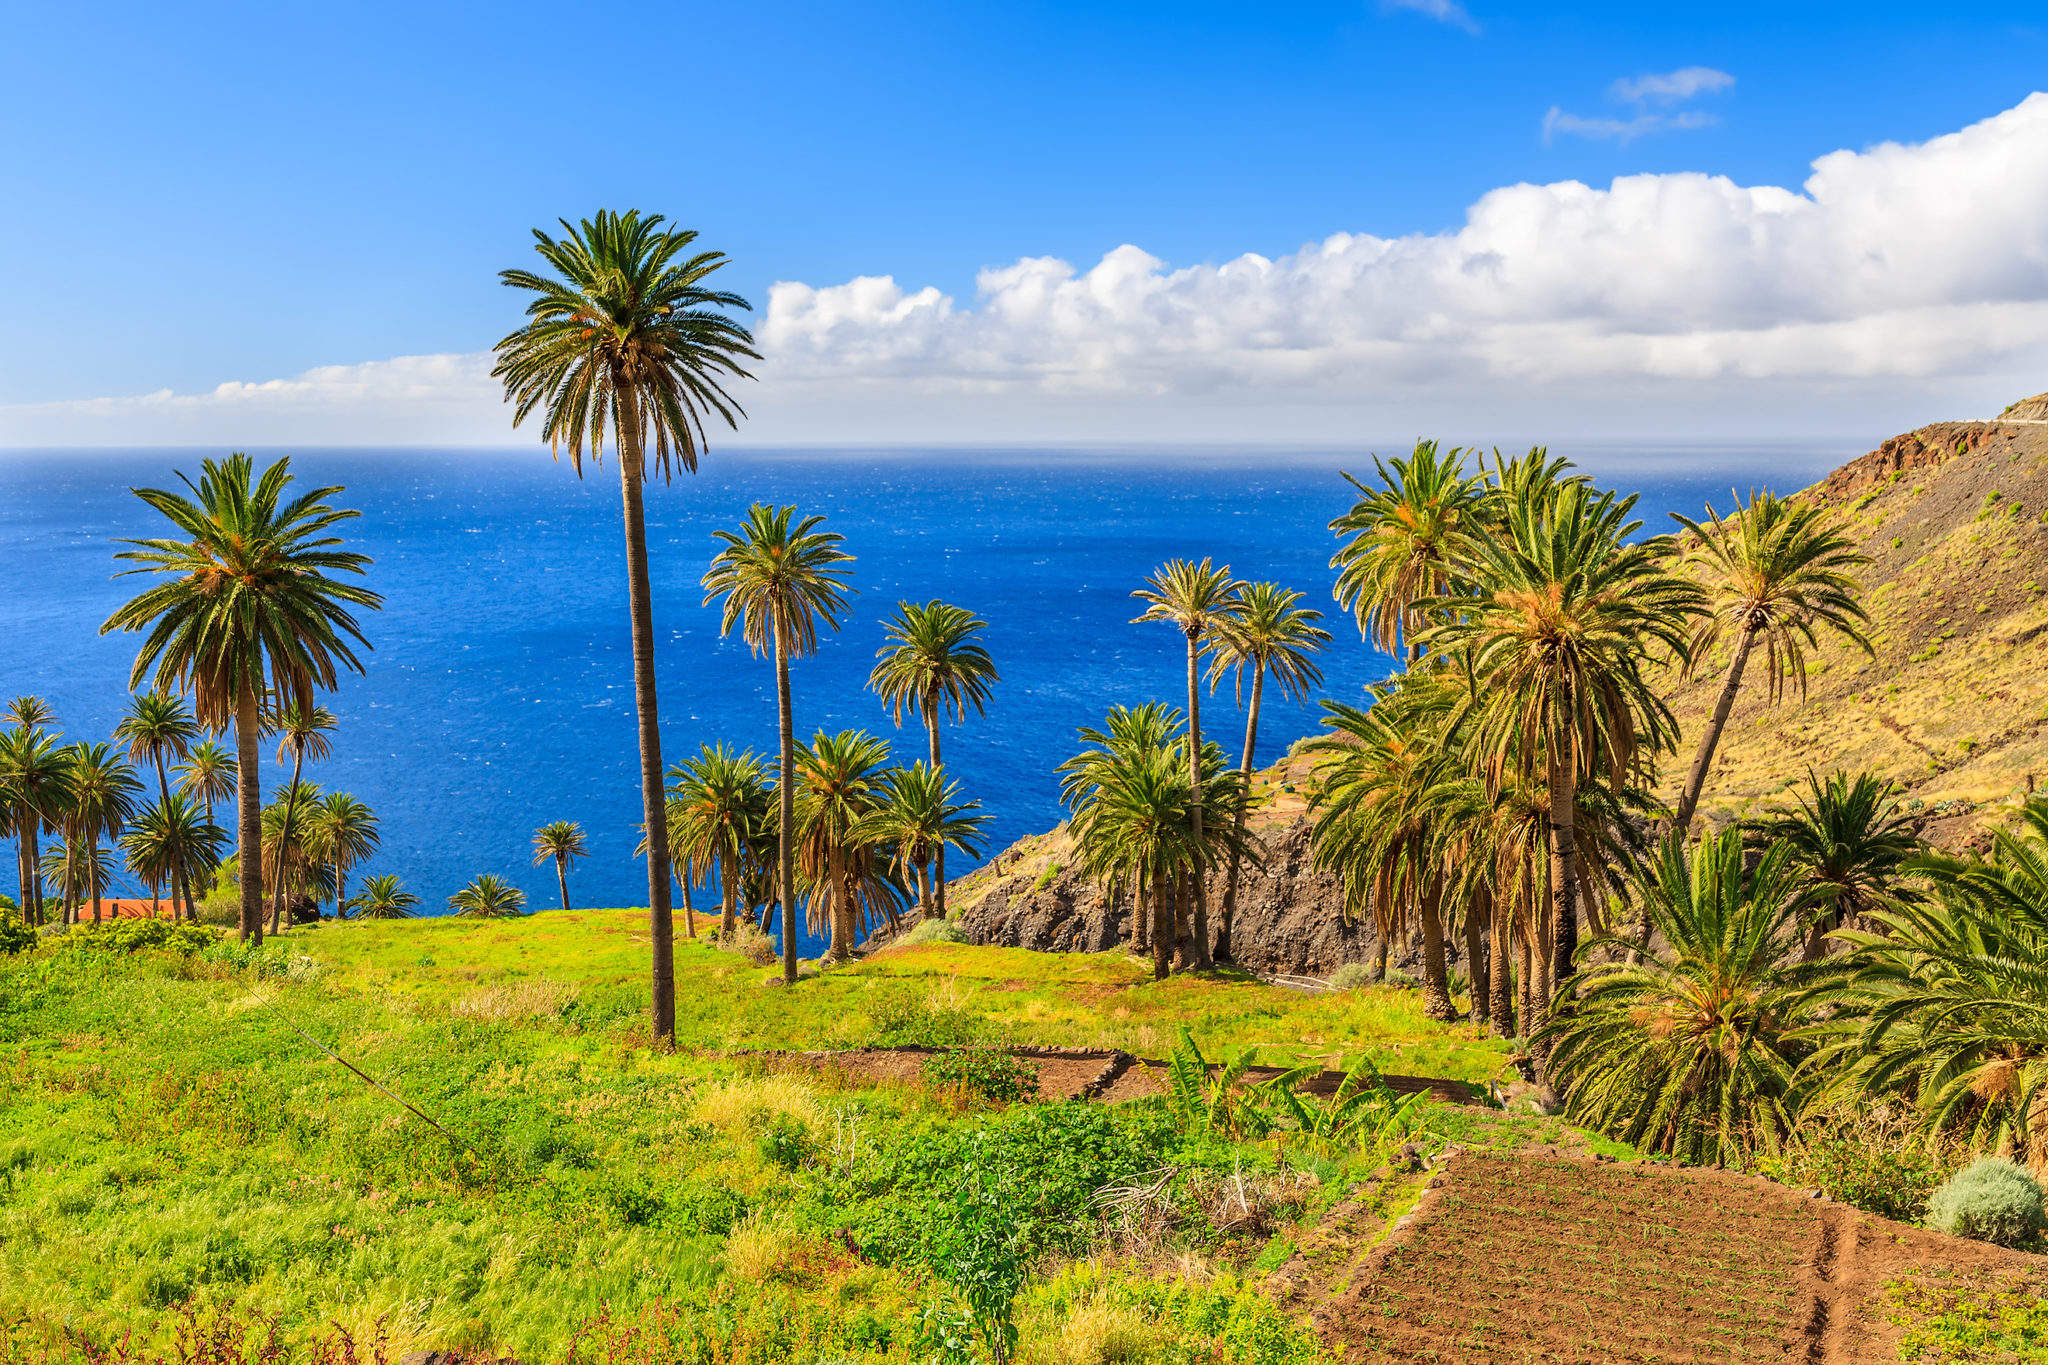 Palmen an der Küste von La Gomera